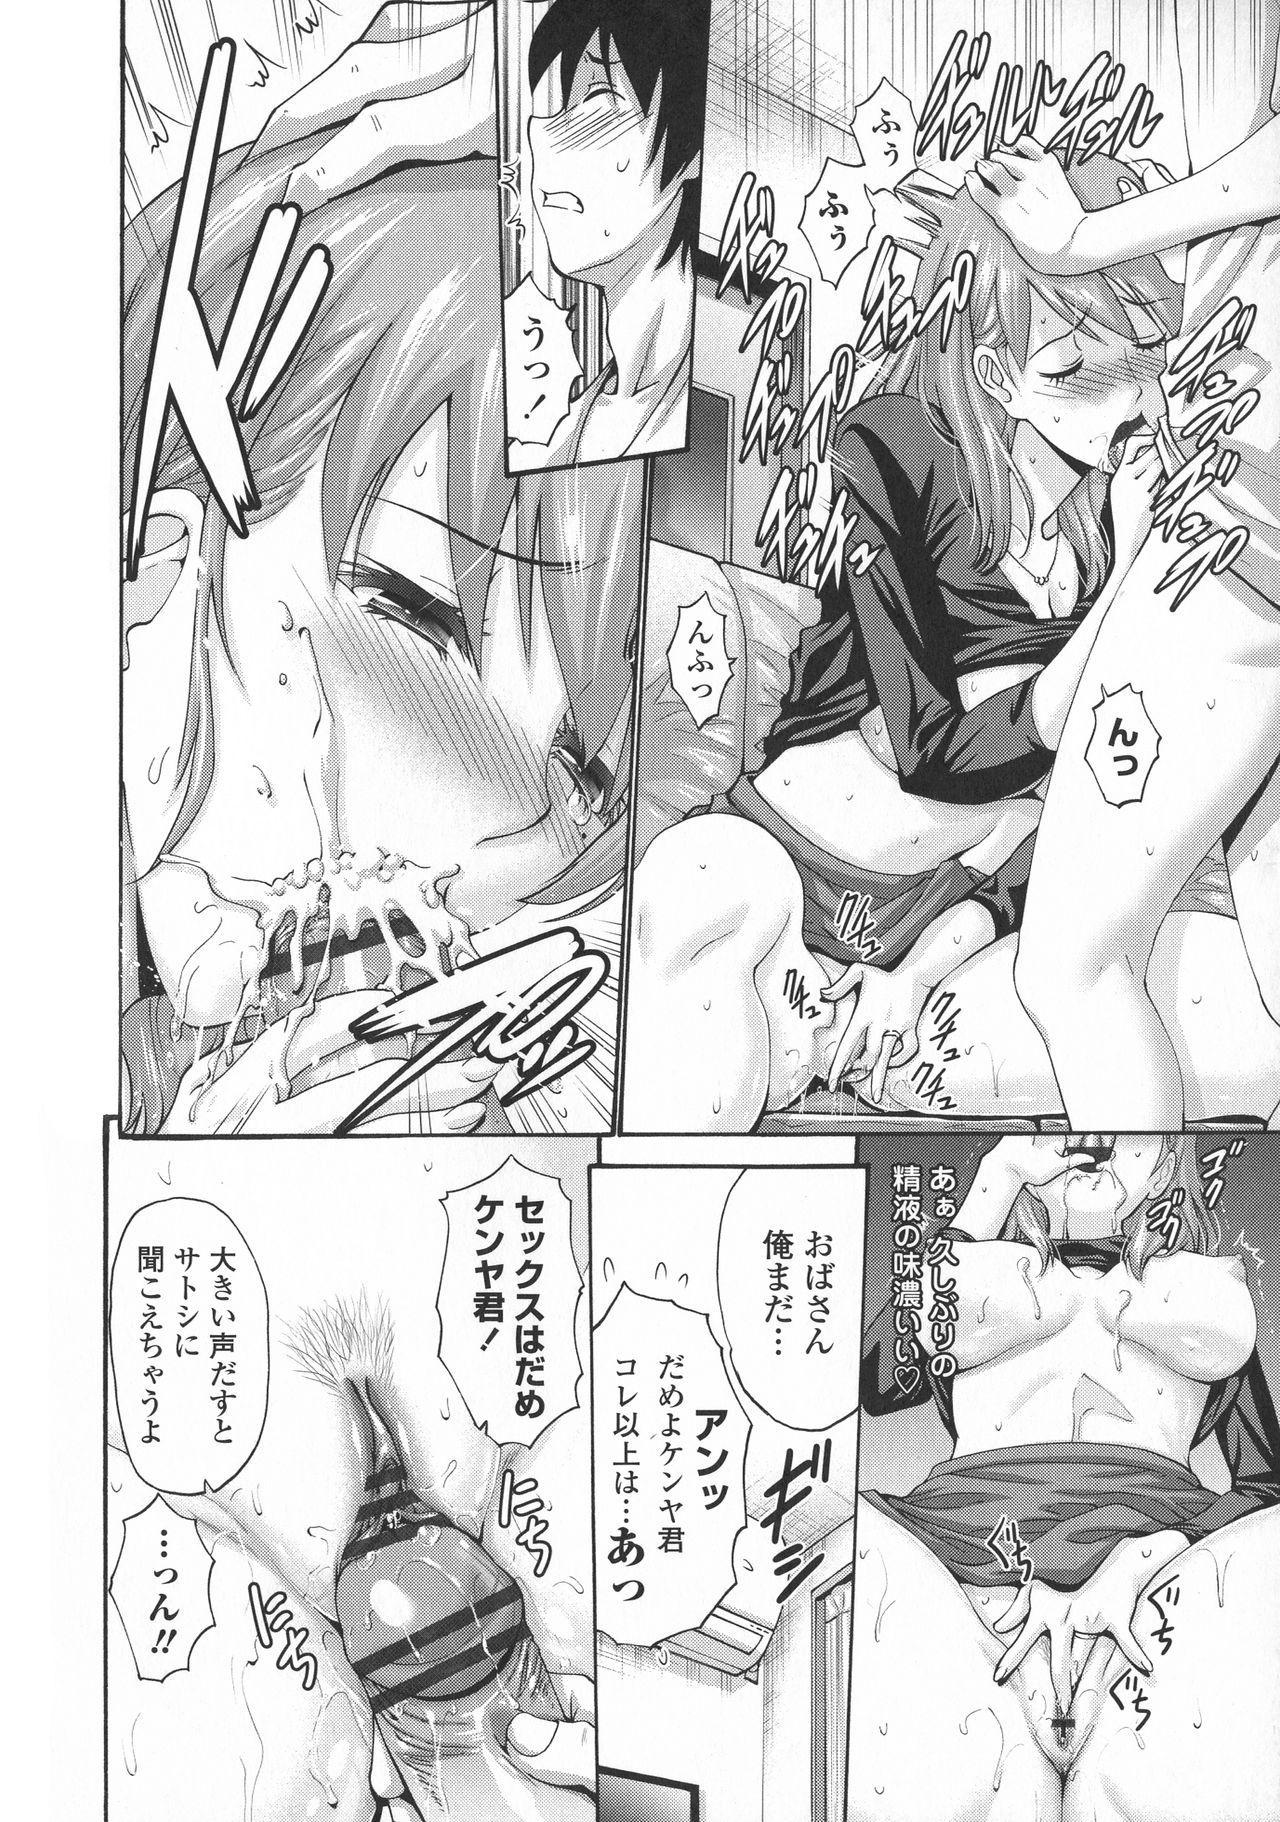 Tomodachi no Haha wa Boku no Mono - His Mother is My Love Hole 17